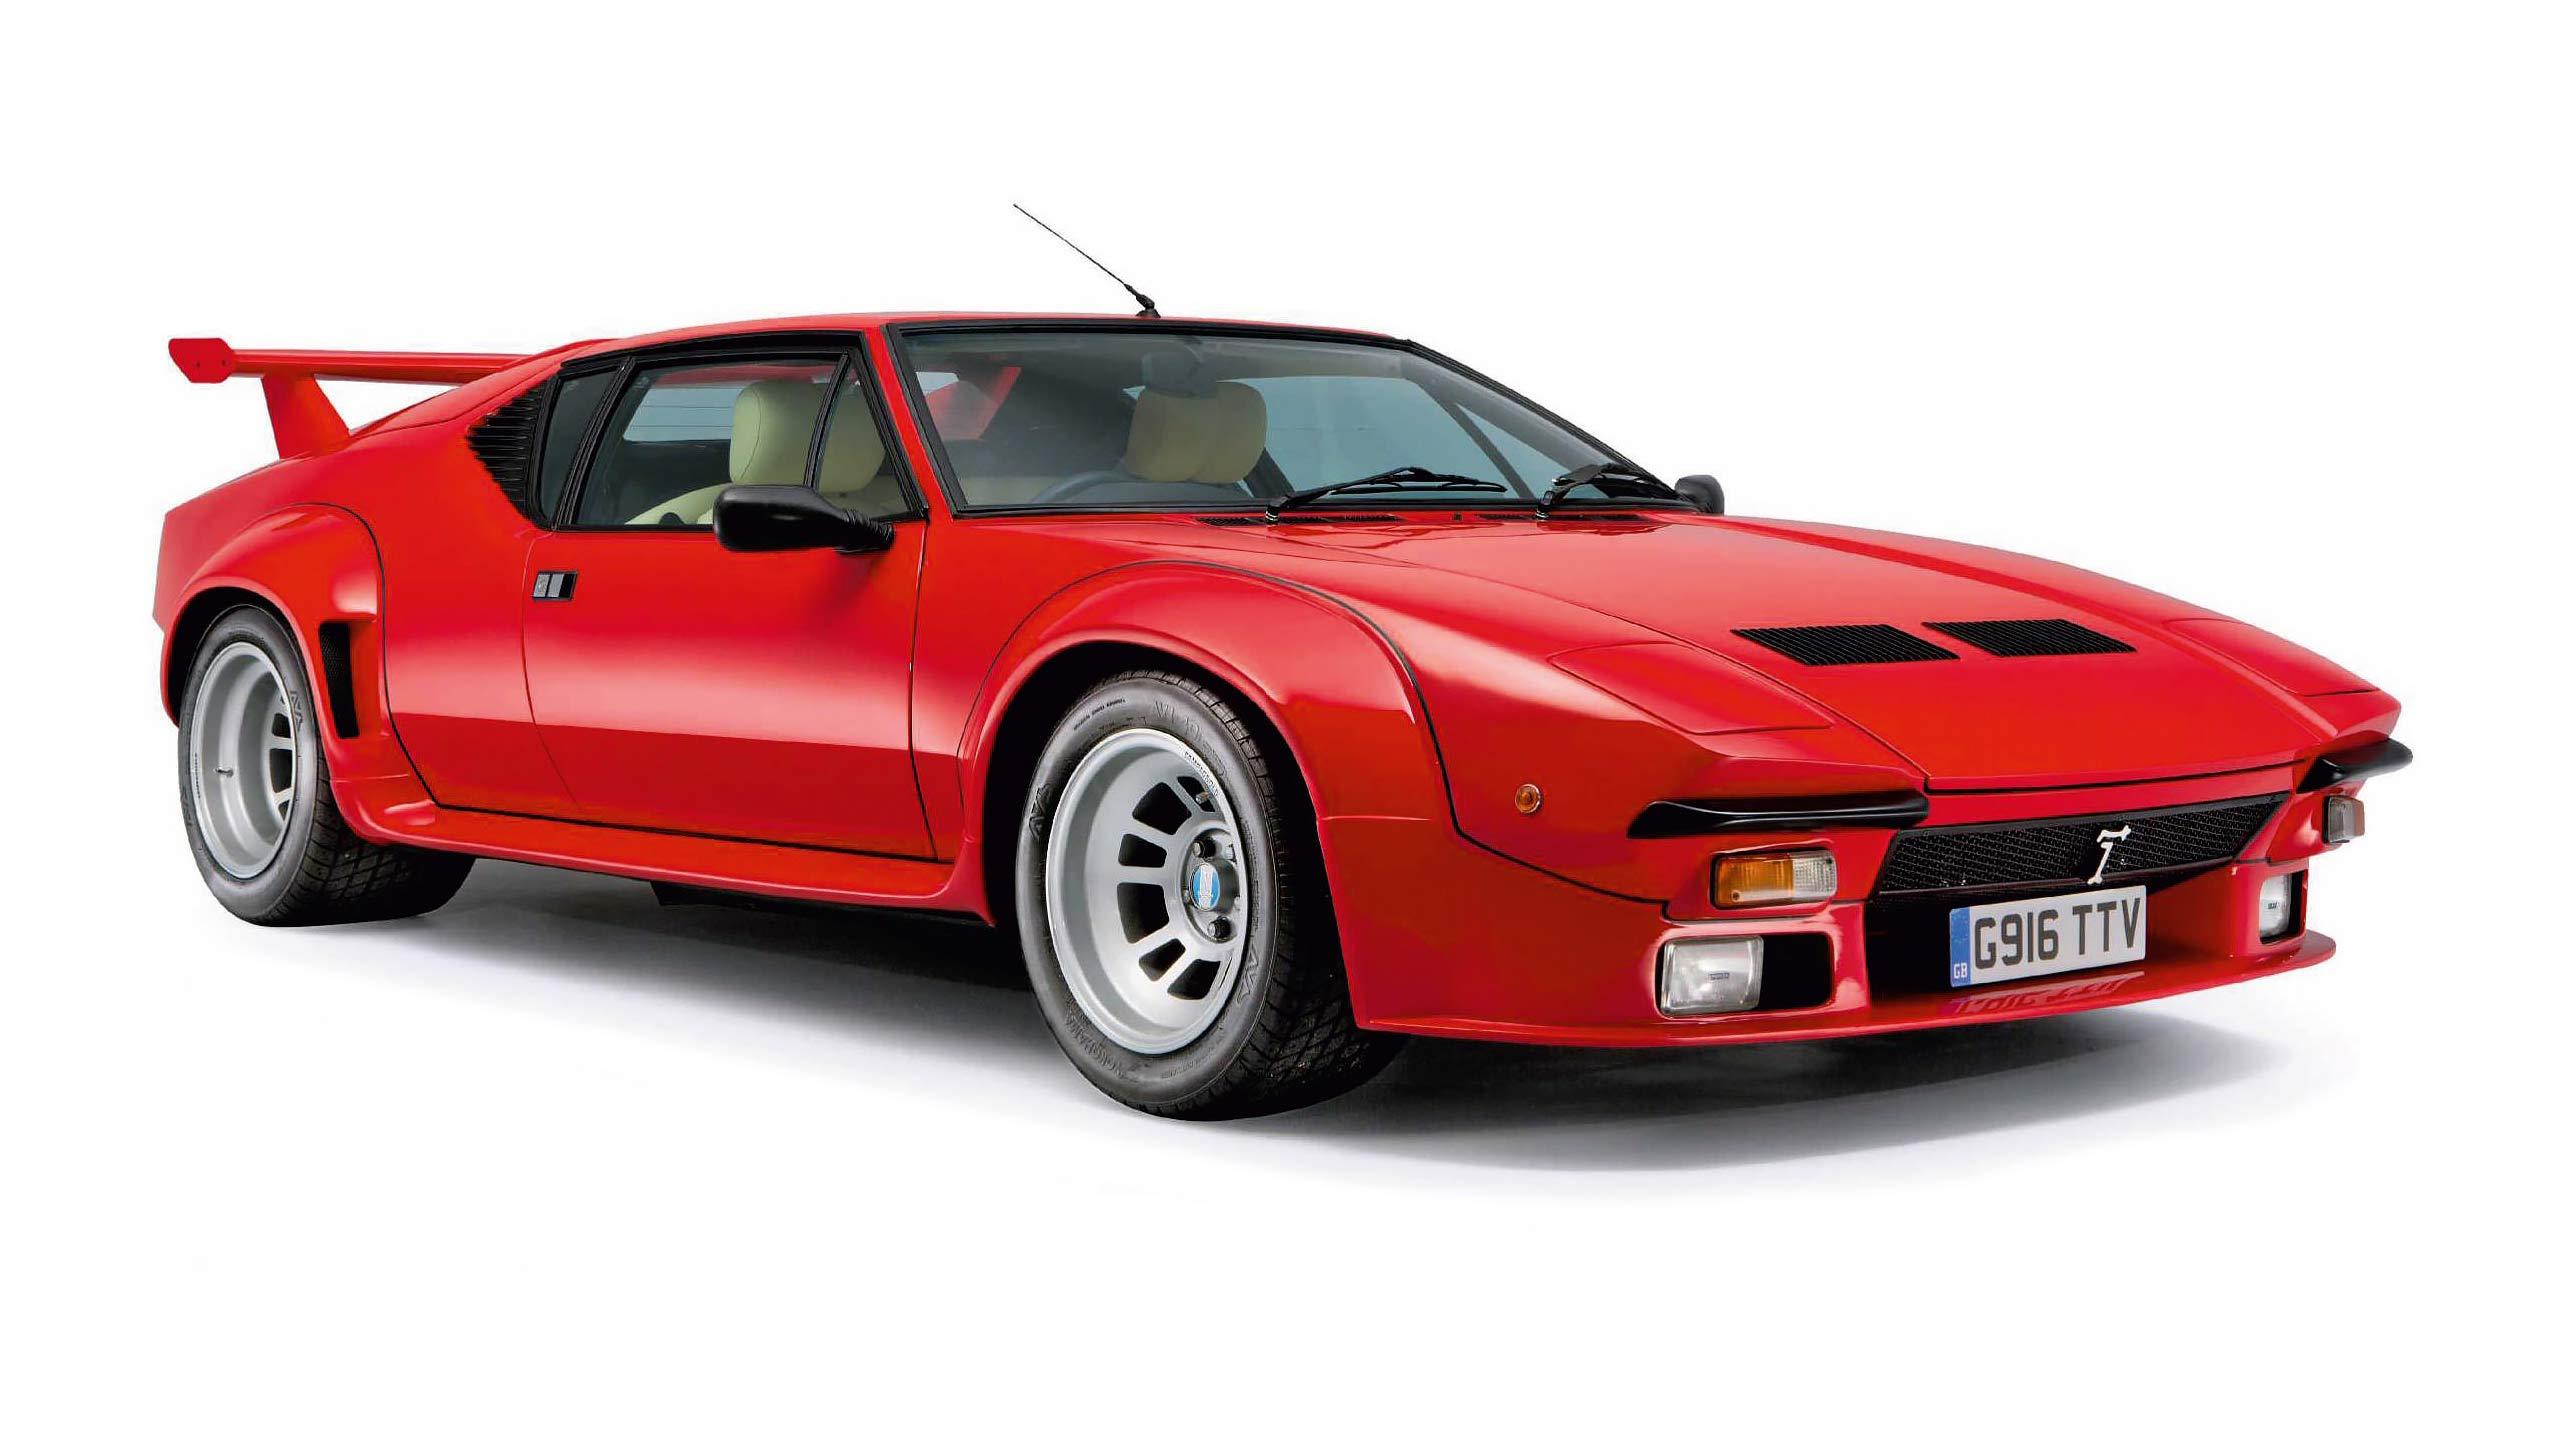 Buying Guide De Tomaso Pantera - Drive-My Blogs - Drive